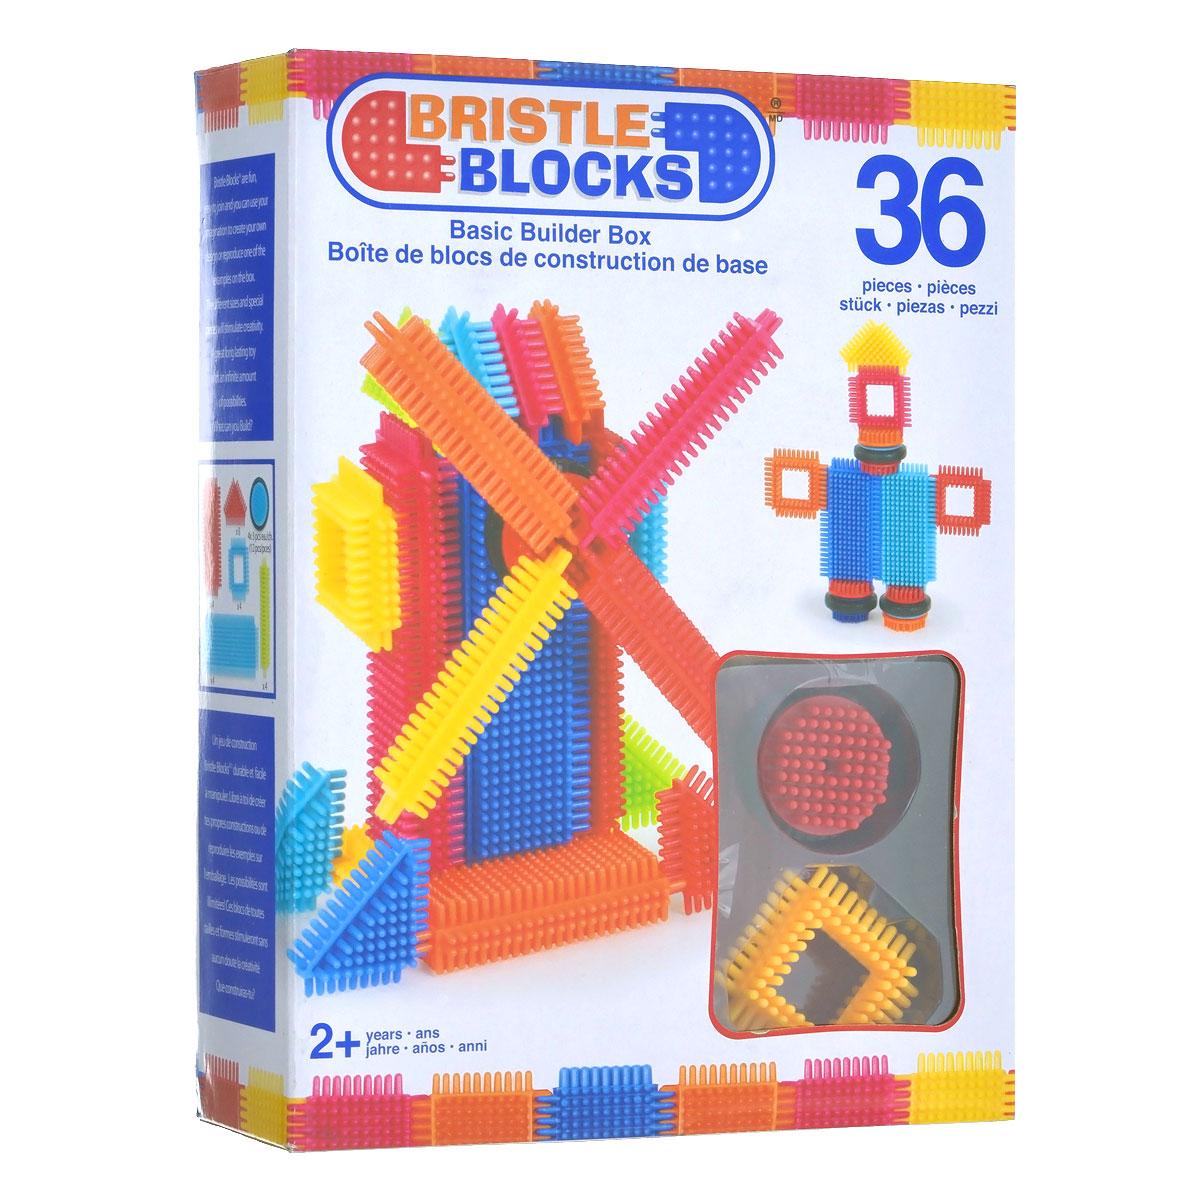 Battat Конструктор игольчатый Bristle Blocks68170Оригинальный игольчатый конструктор Battat Bristle Blocks - тактильный детский конструктор, который позволит вашему ребенку проявить свою фантазию. Элементы конструктора выполнены из яркого разноцветного пластика и оснащены игольчатыми сторонами, которые легко соединяются между собой практически в любой плоскости. Комплект включает 36 элементов, из которых можно собрать конструкции с подвижными элементами. Игольчатый конструктор Battat Bristle Blocks поможет ребенку развить мелкую моторику рук, логическое и пространственное мышление, творческие способности, а также поможет научиться соотносить форму и величину предметов.